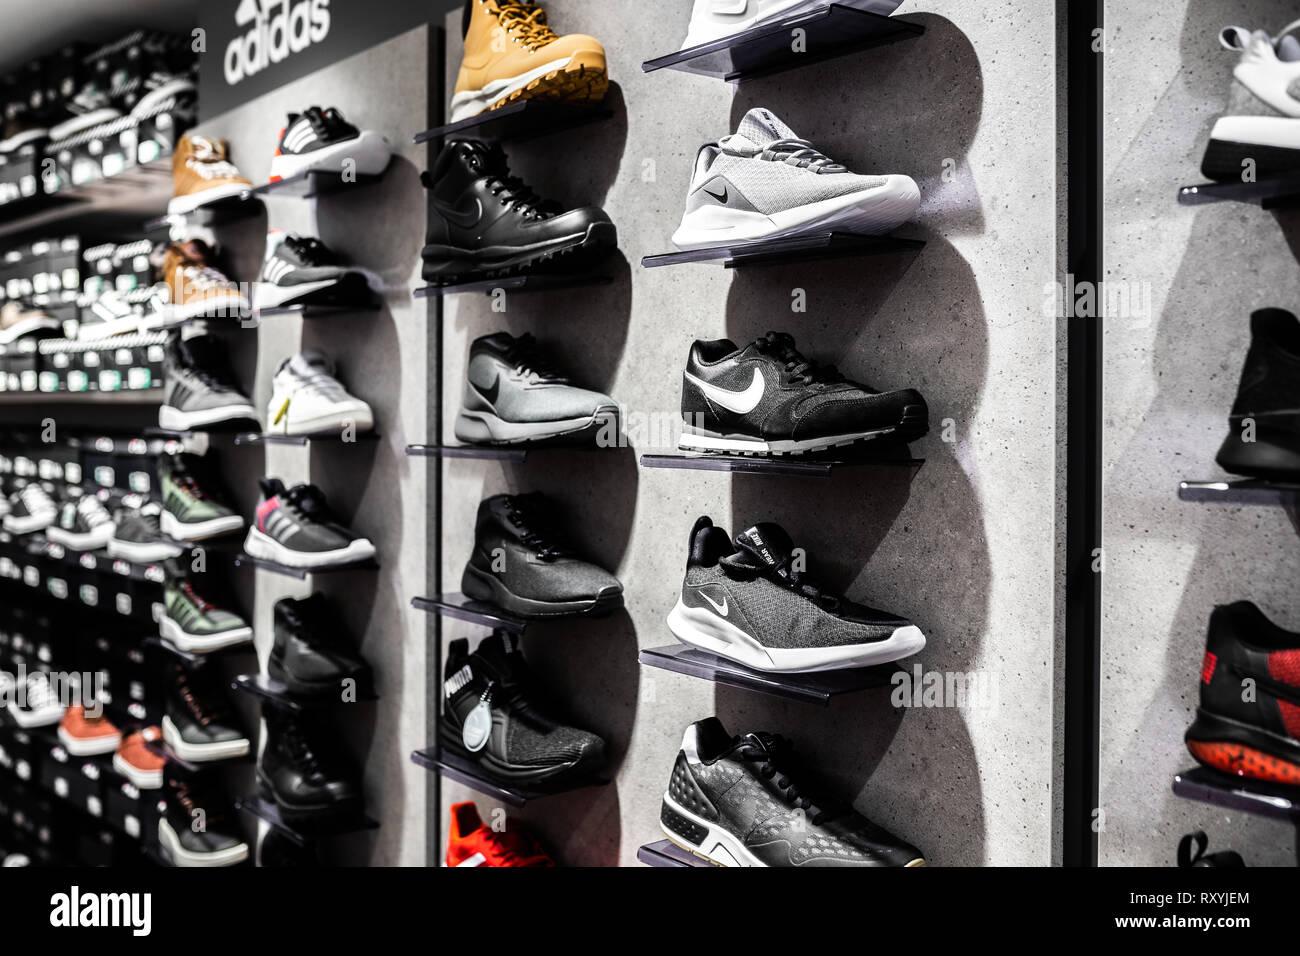 Black Nike Sneakers Immagini   Black Nike Sneakers Fotos Stock - Alamy 8ae3cf941d3